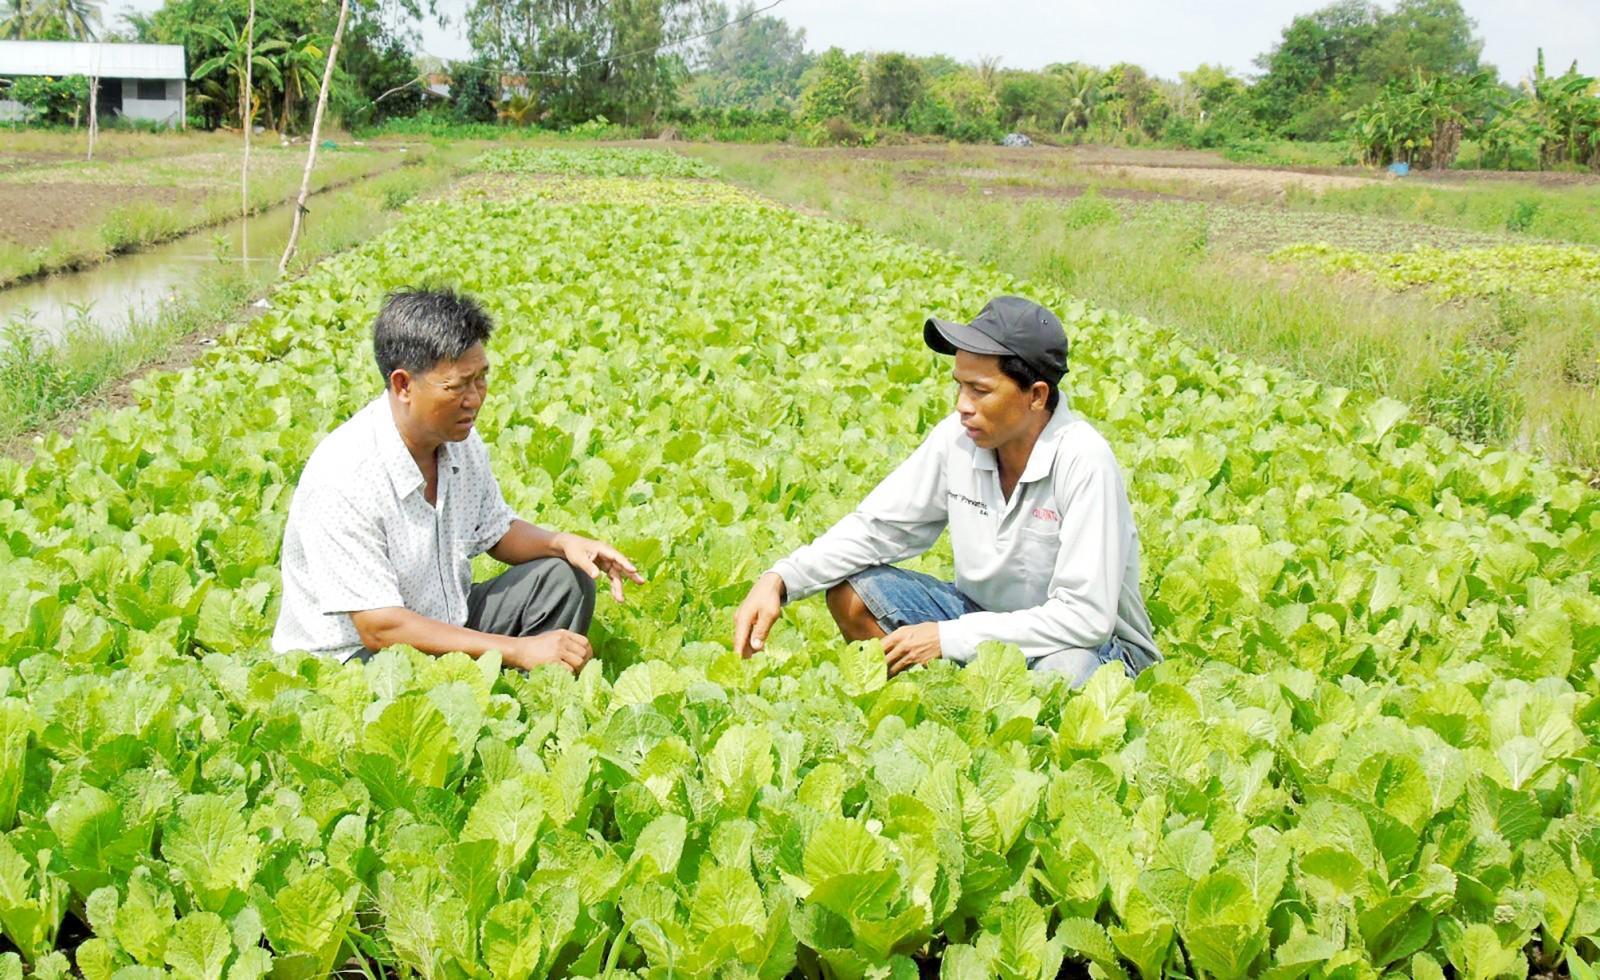 Đồng chí Huỳnh Văn Đoàn (bên trái) thăm mô hình trồng màu của dân. Ảnh: THANH THY